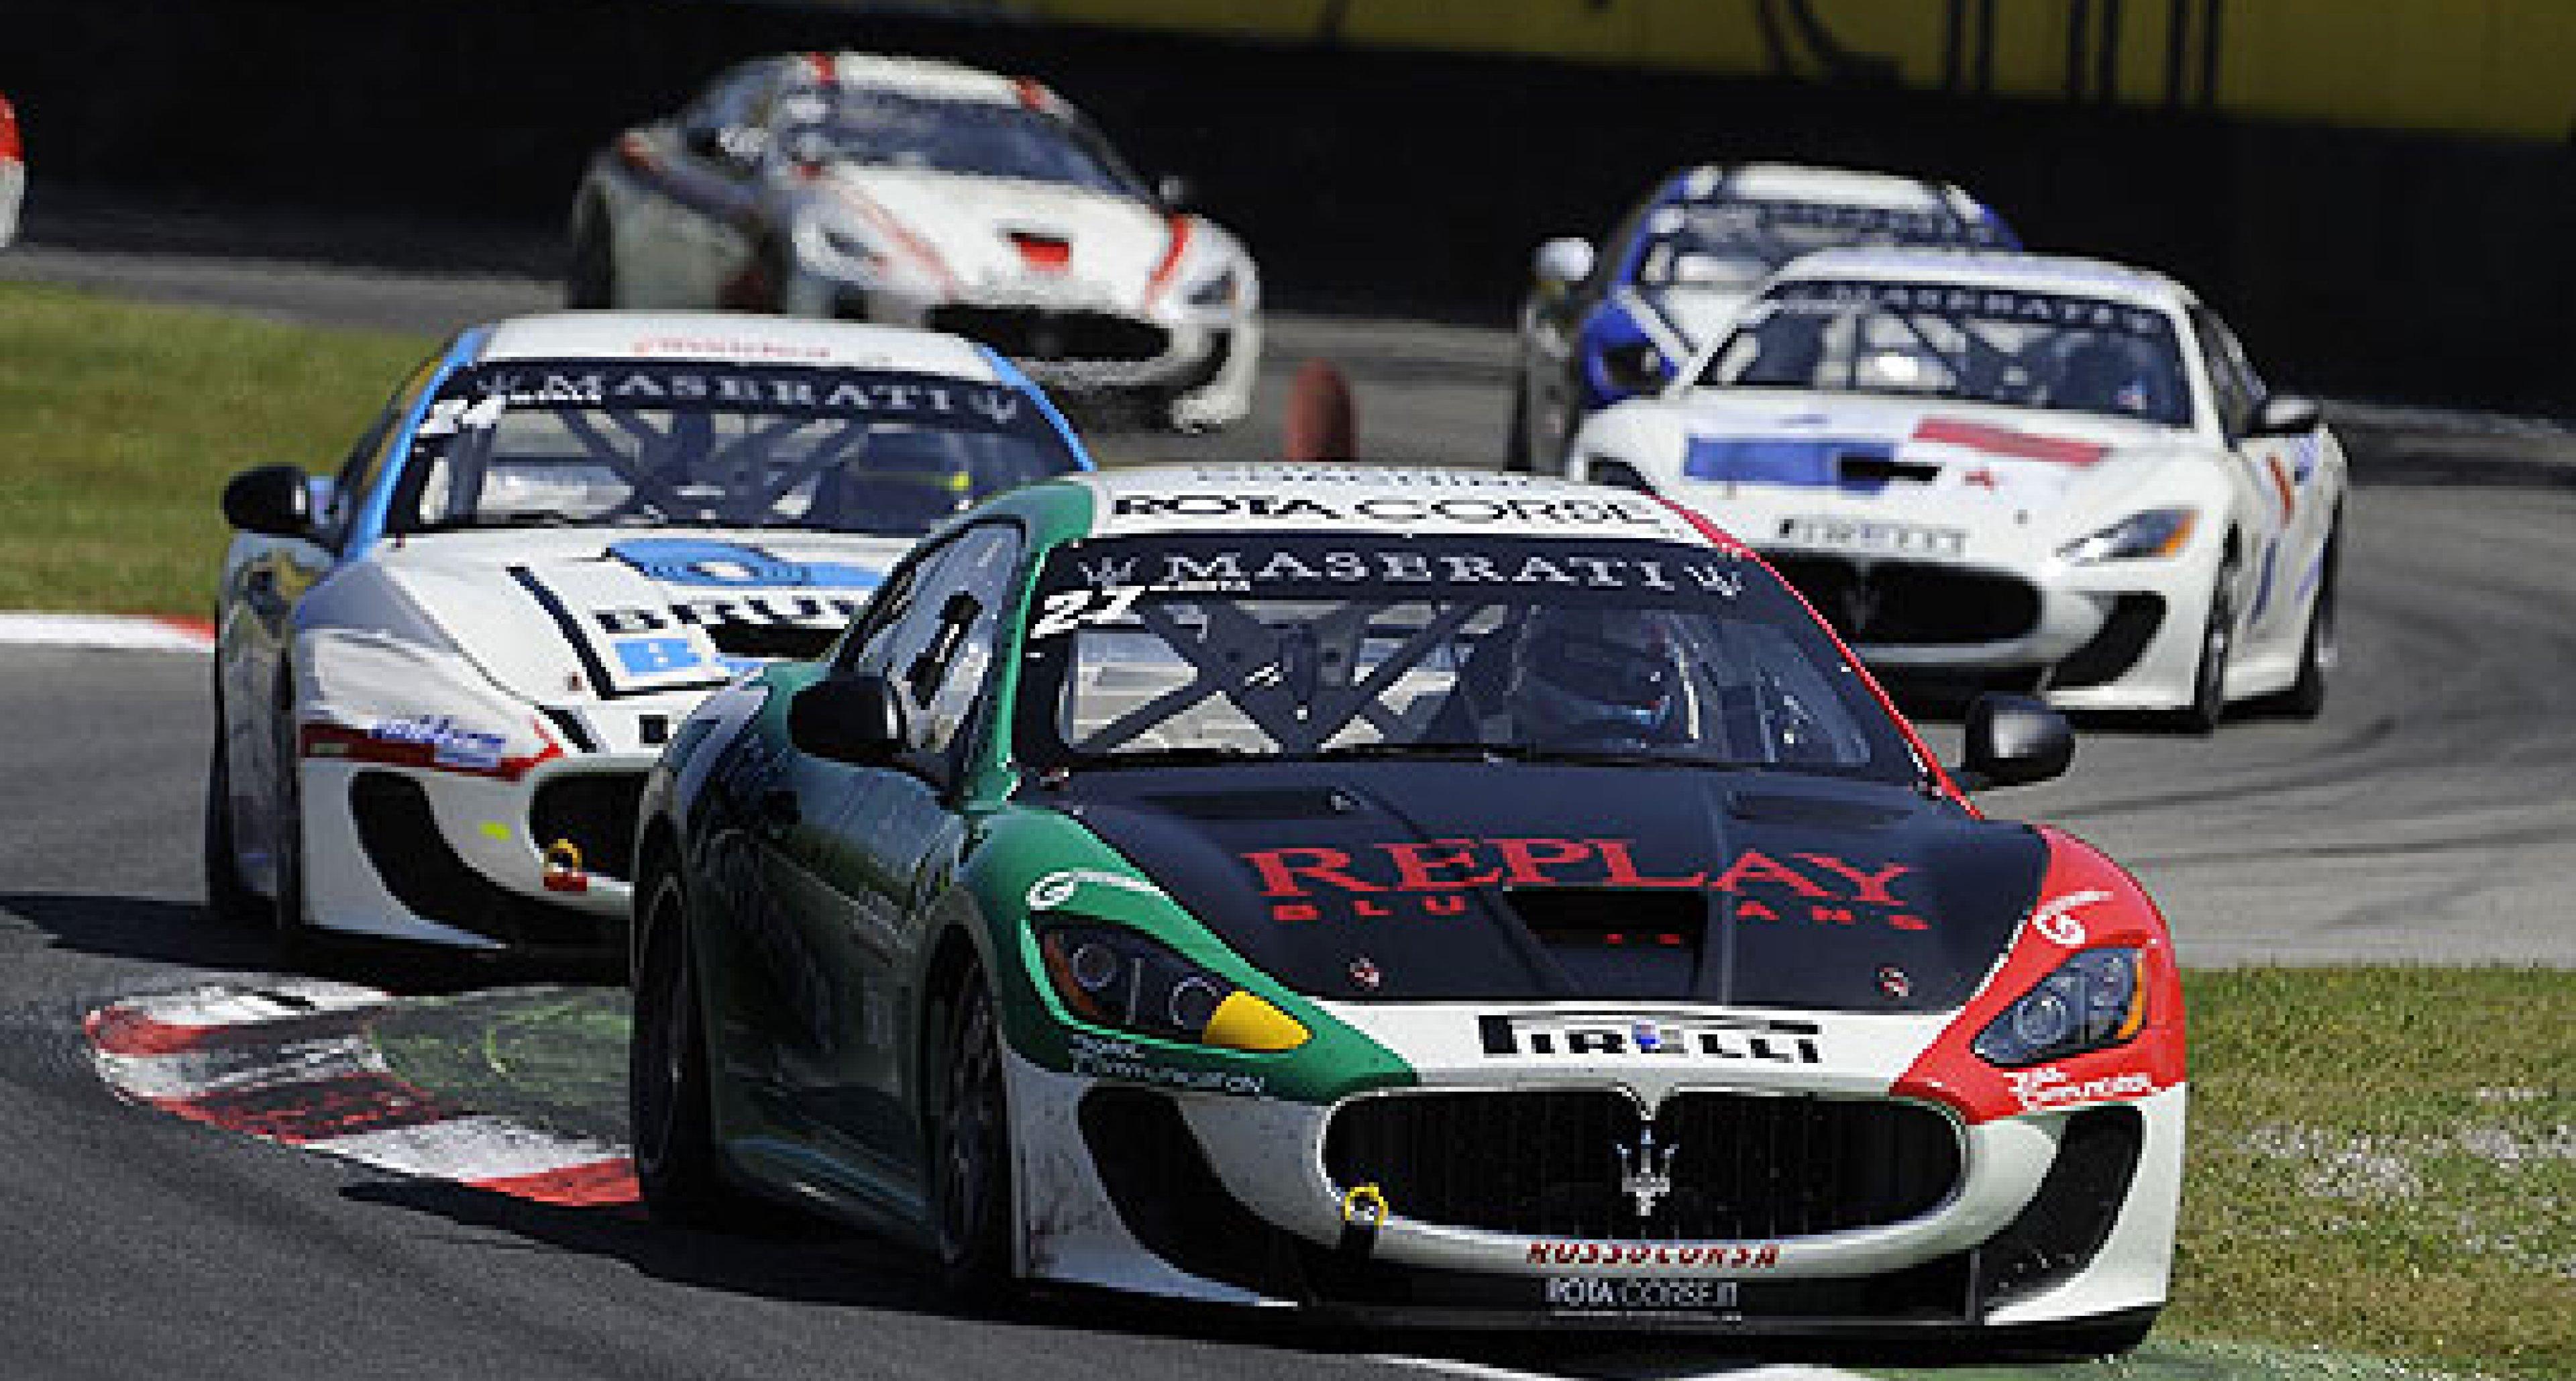 Trofeo Maserati 2010: Action at Monza